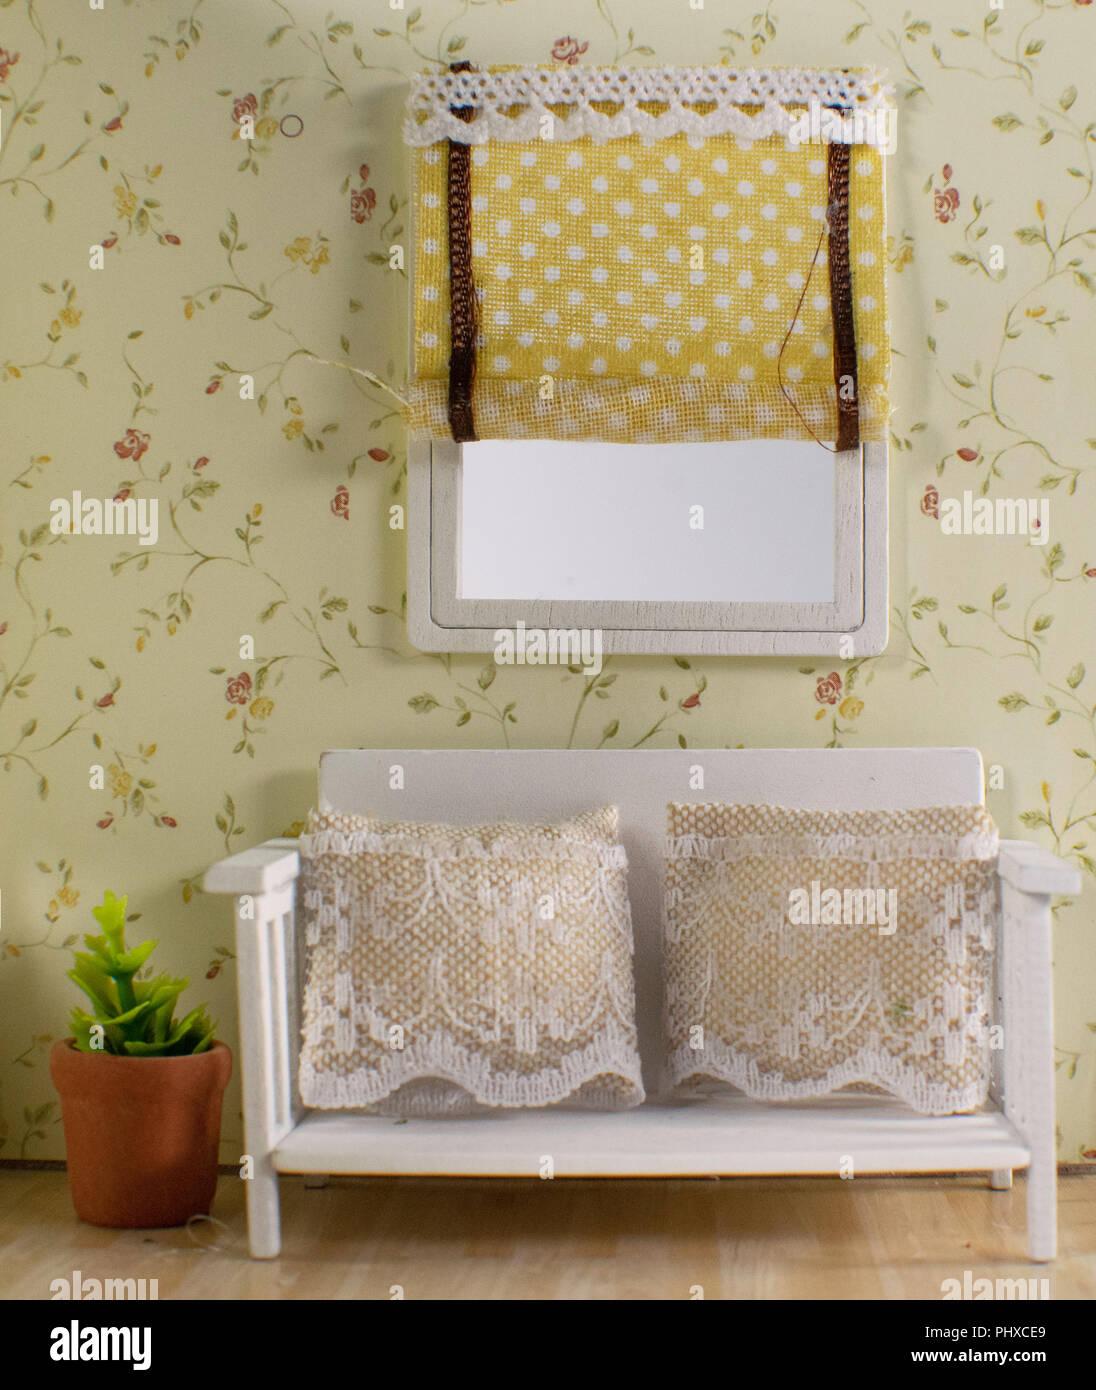 Handgefertigte Vintage Style Zimmer Mit Einem Gelben Muster Tapete